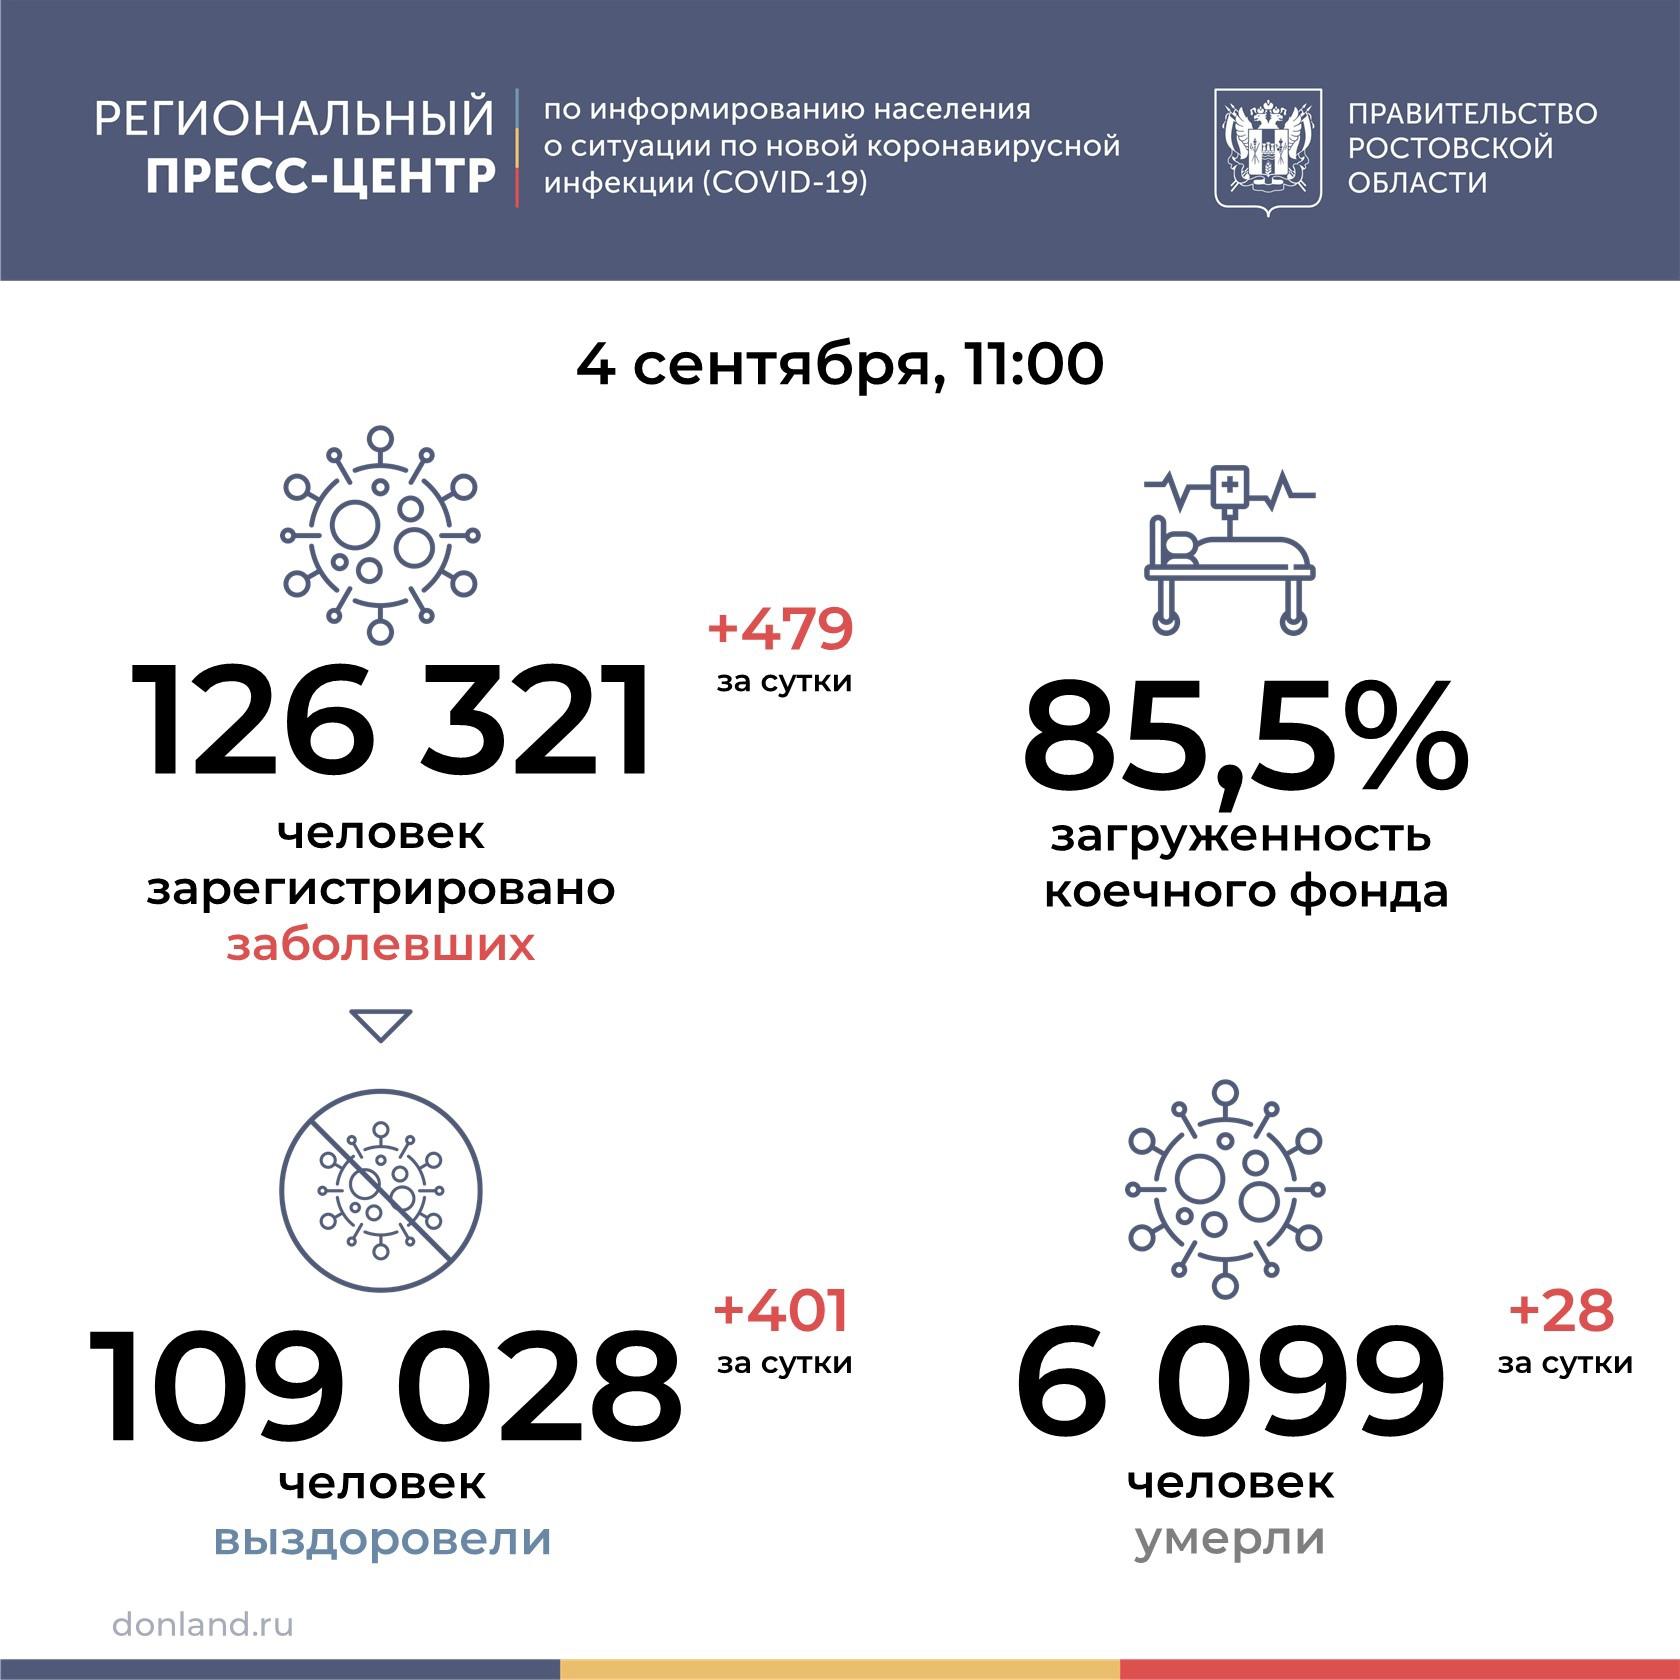 28 человек умерли от коронавируса за сутки